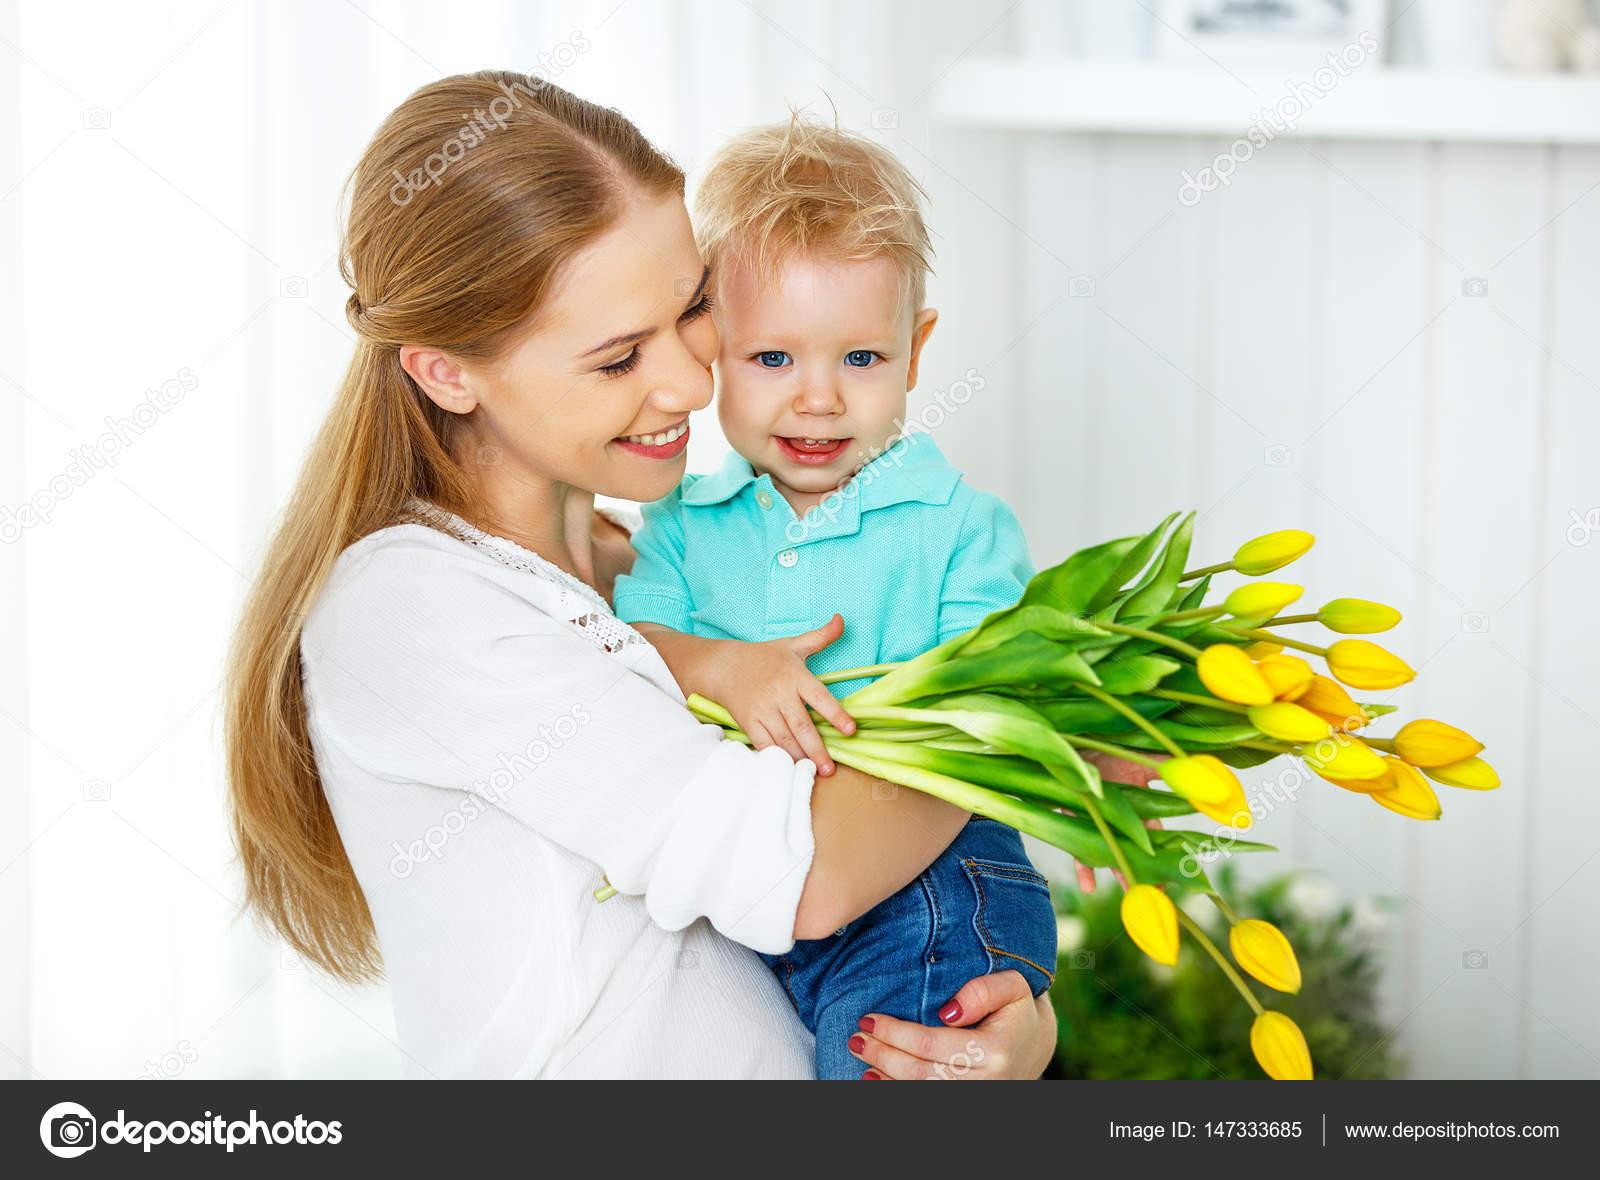 Filho Carinhoso Desejando Feliz Dia Das Mães: Feliz Dia Das Mães. Filho De Bebê Dá Flores Para Mamãe